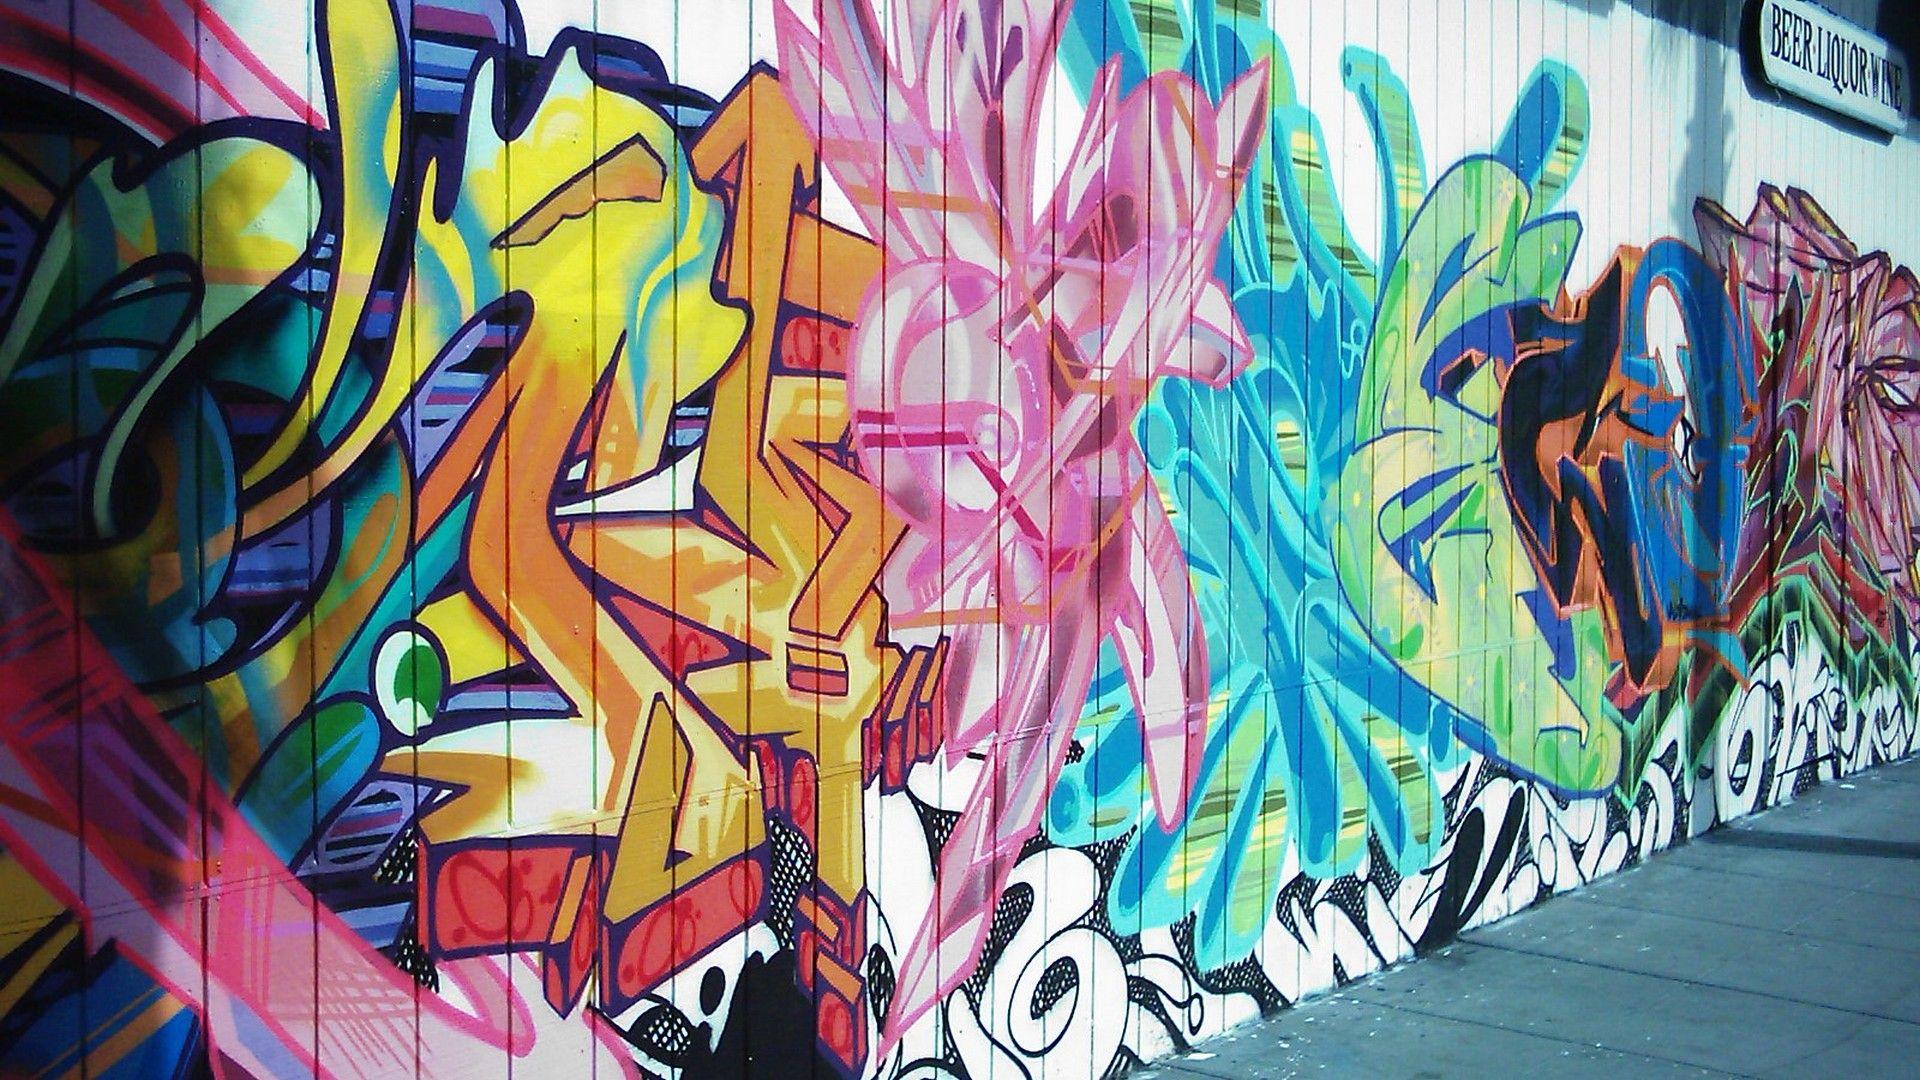 Street Art a wallpaper